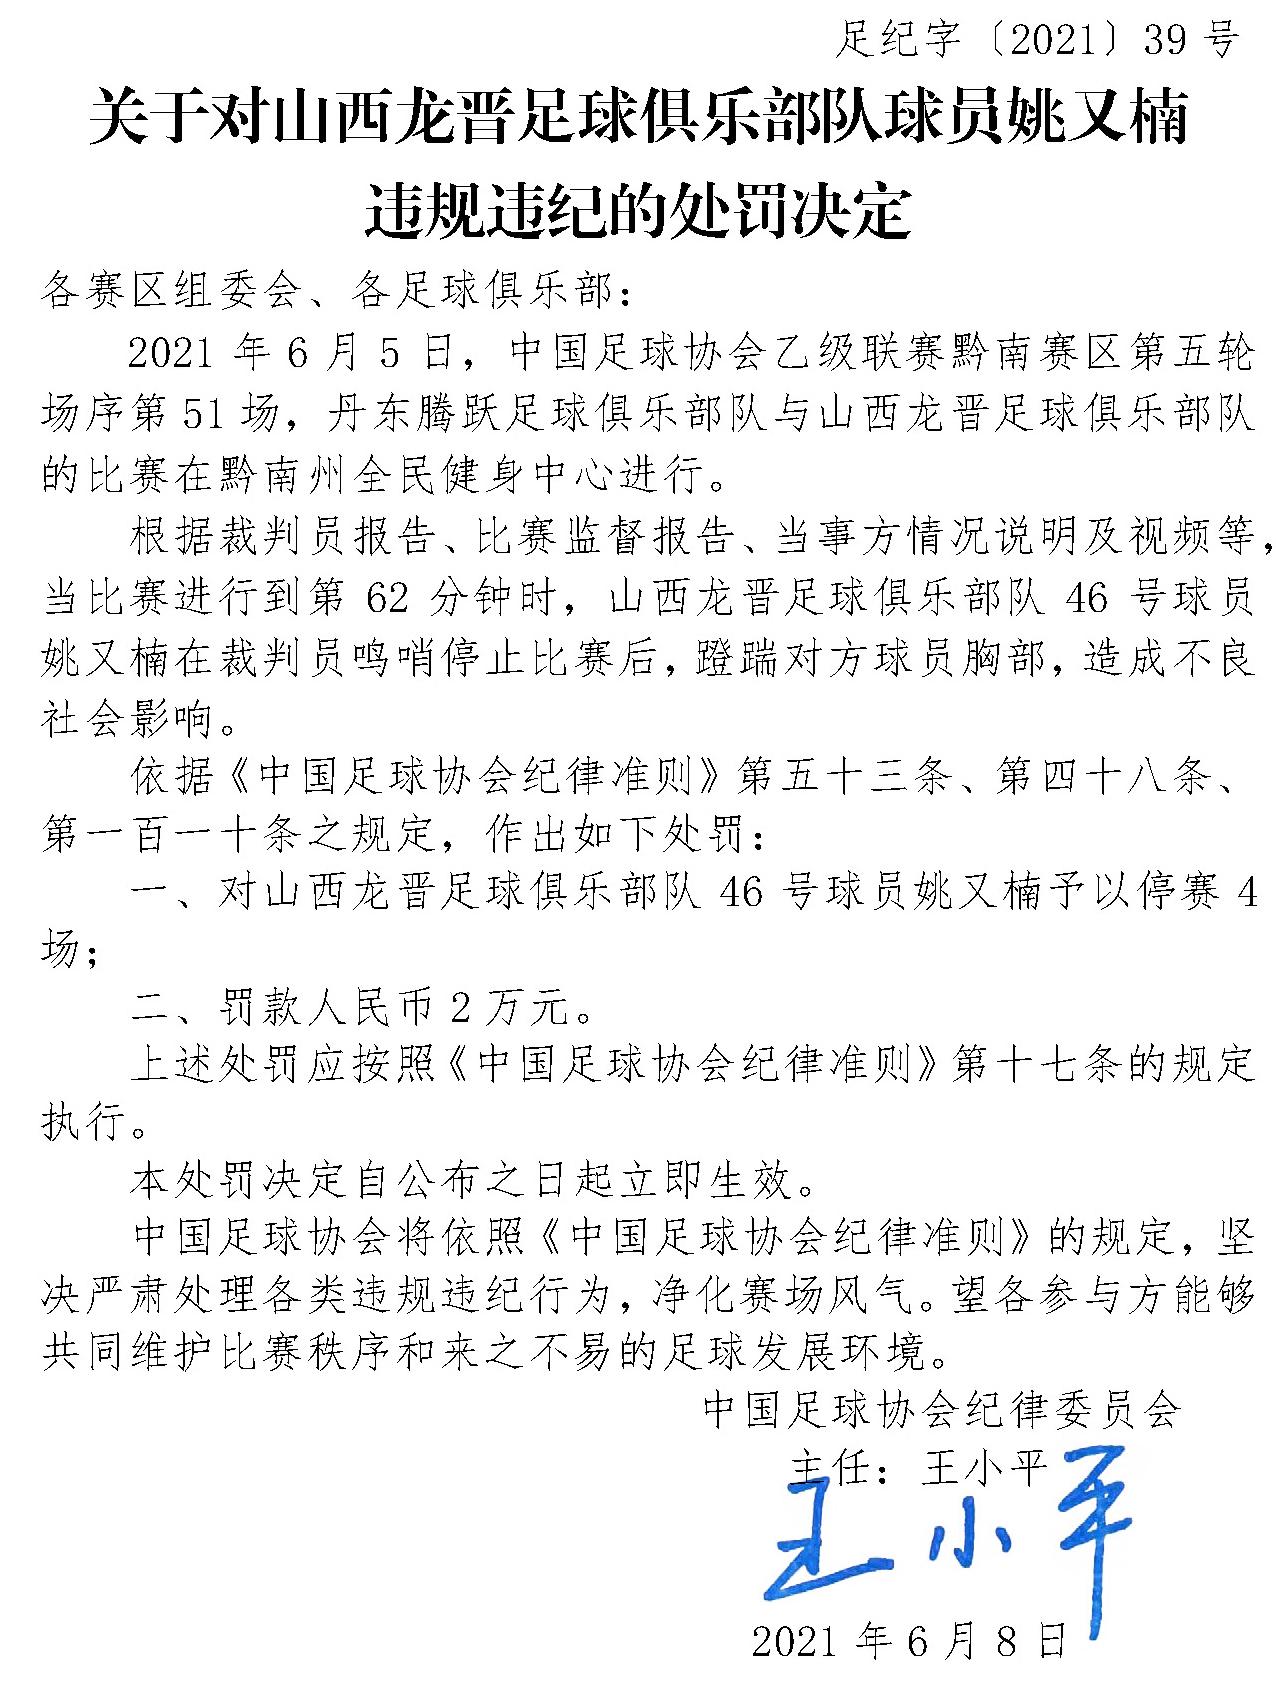 足纪字〔2021〕39号-关于对山西龙晋足球俱乐部队球员姚又楠违规违纪的处罚决定.jpg